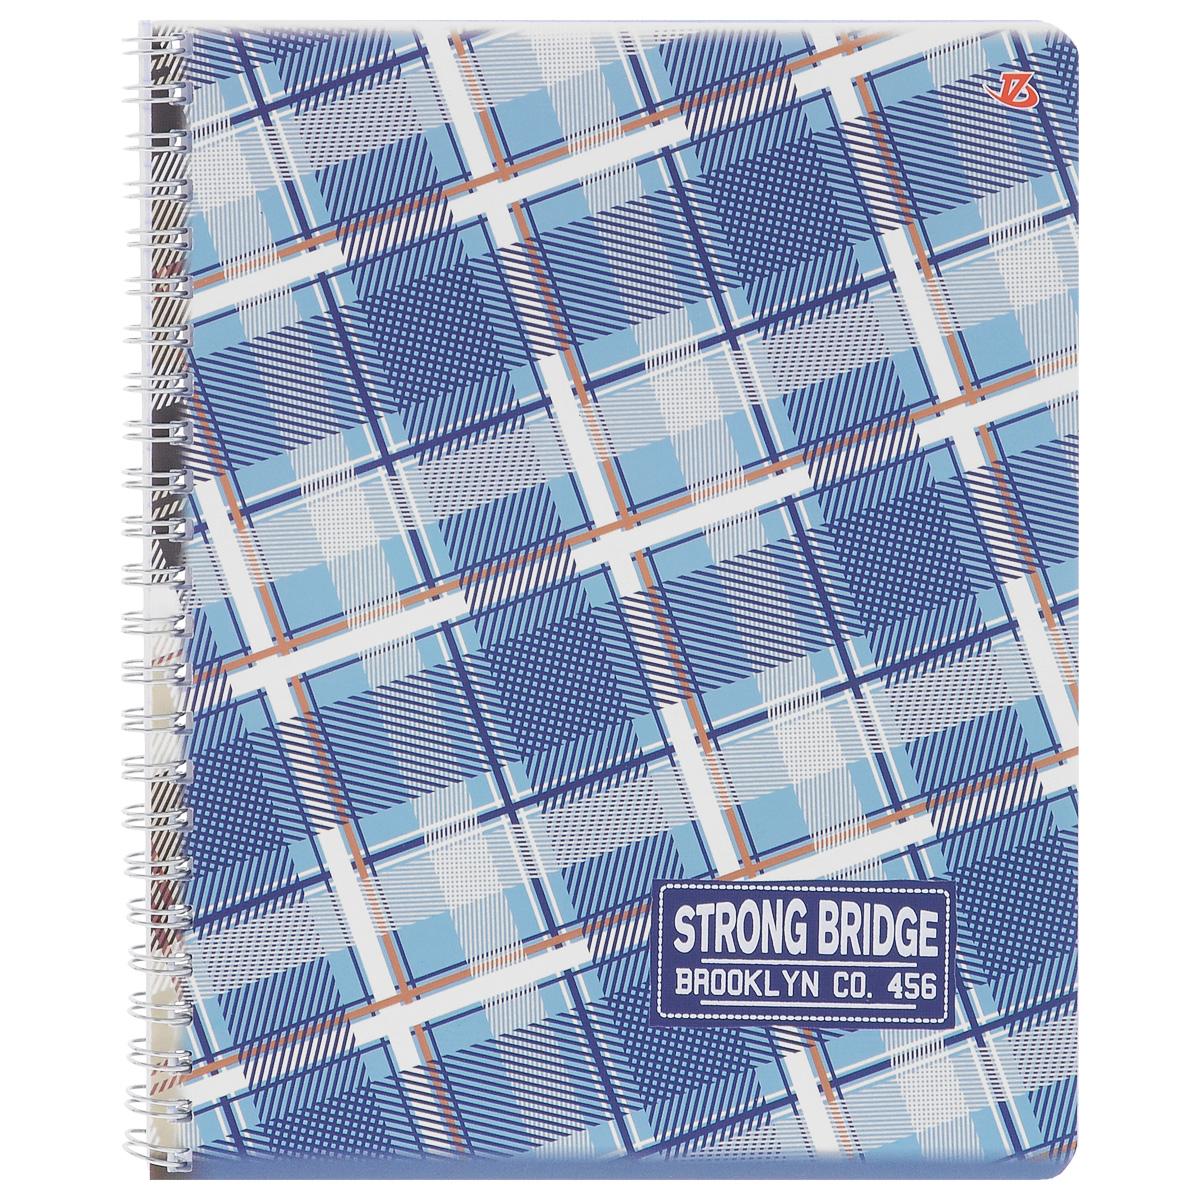 Тетрадь в клетку Strong Bridge, цвет: синий, голубой, бежевый, 60 листов. 6658/3SMA510-V8-ETТетрадь Strong Bridge подойдет для любых работ и студенту, и школьнику.Фактурная обложка тетради с элементами серебряного тиснения выполнена из мелованного картона с закругленными углами.Внутренний блок тетради соединен металлической пружиной и состоит из 60 листов высококачественной бумаги повышенной белизны.